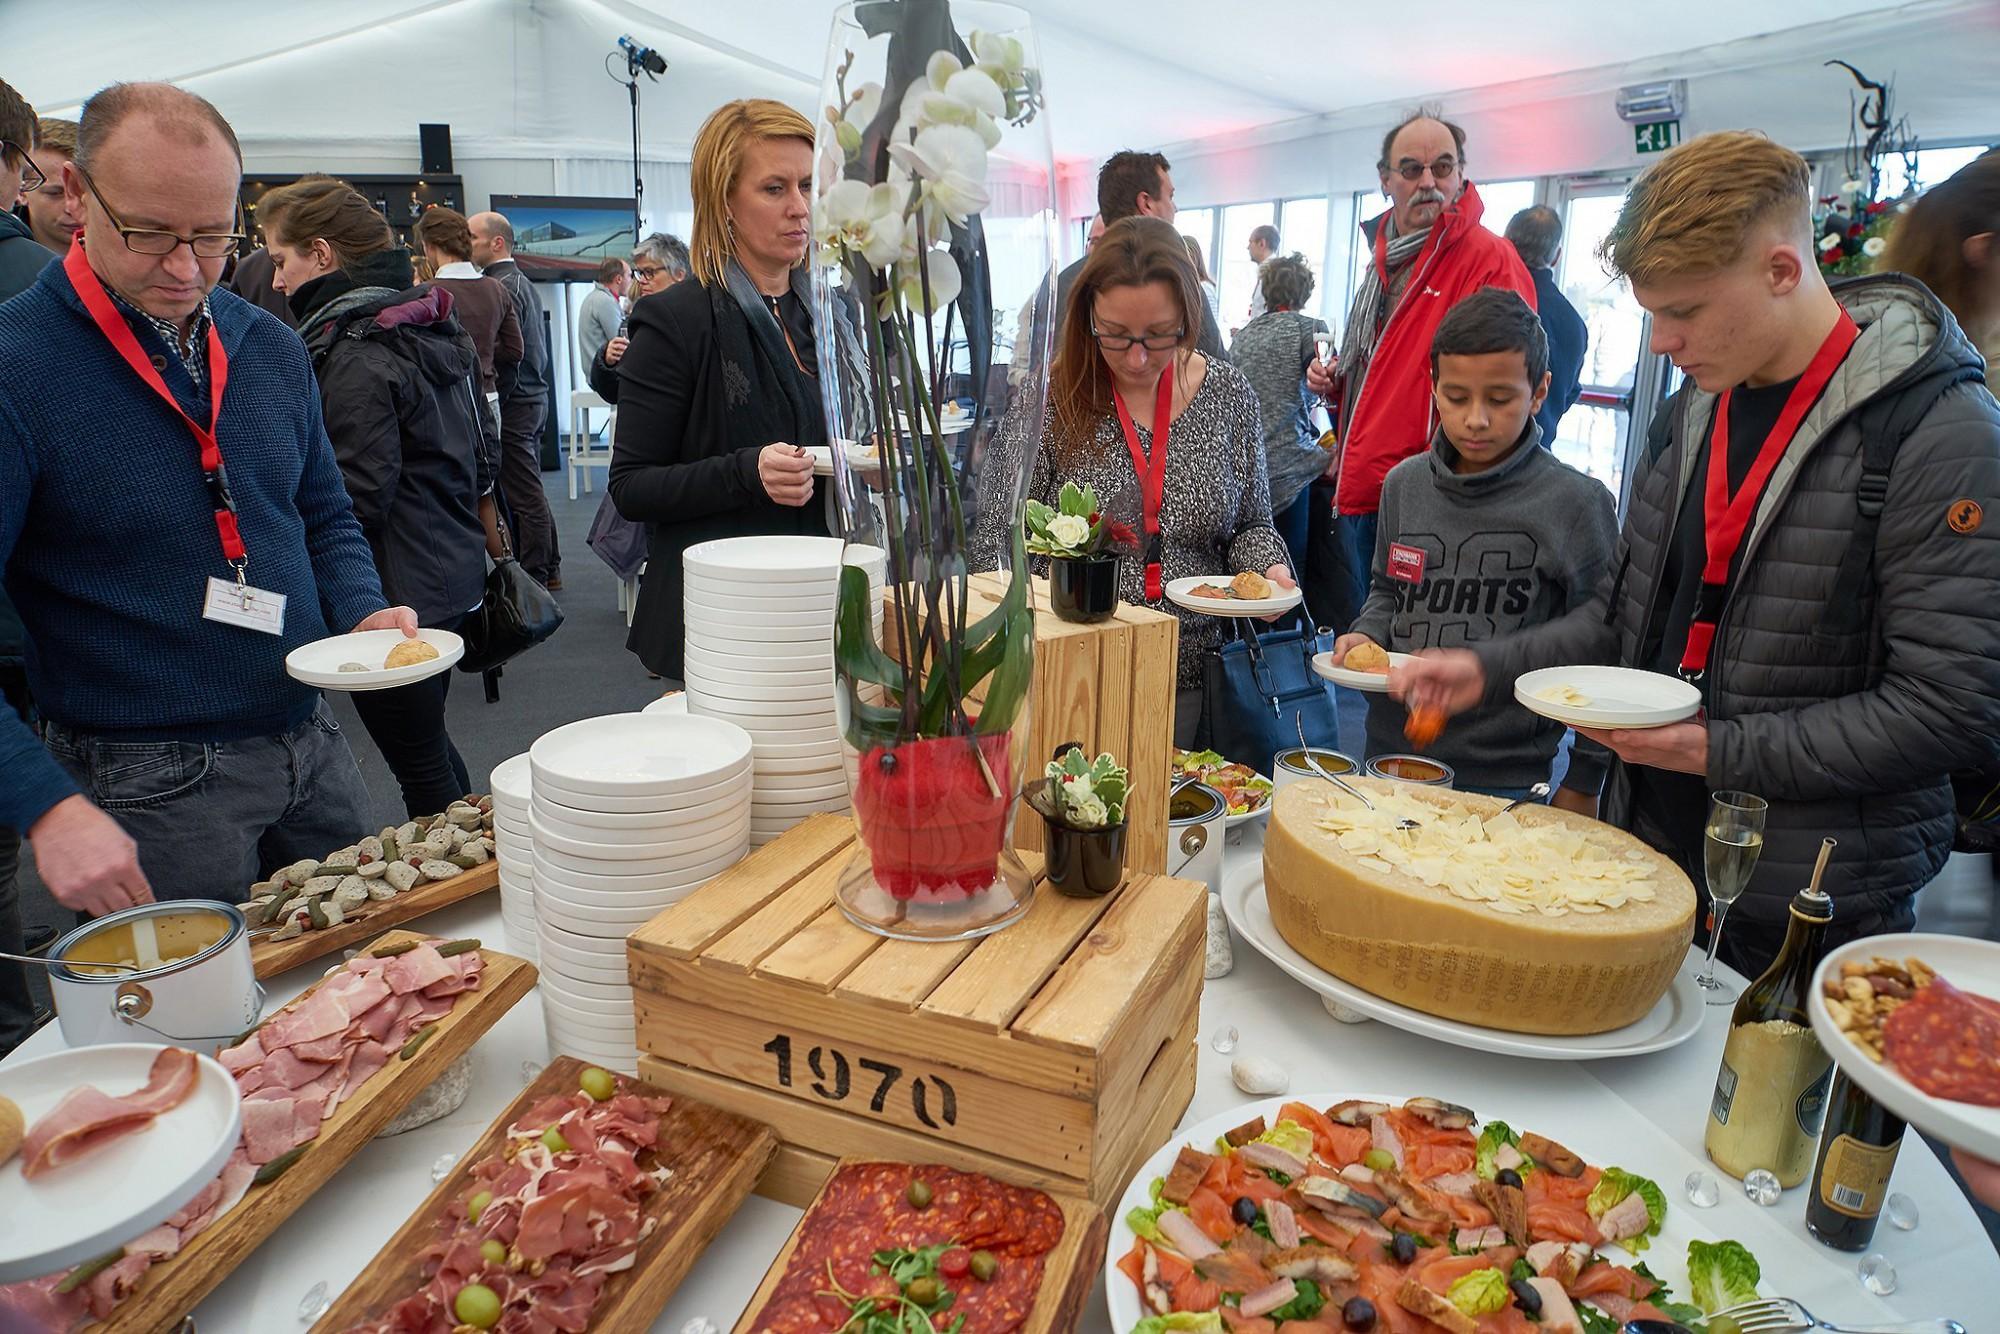 Afbeelding: Event fotografie voor Stadsbader, deze nodigt zijn medewerkers en onderaannemers uit, Lummen.